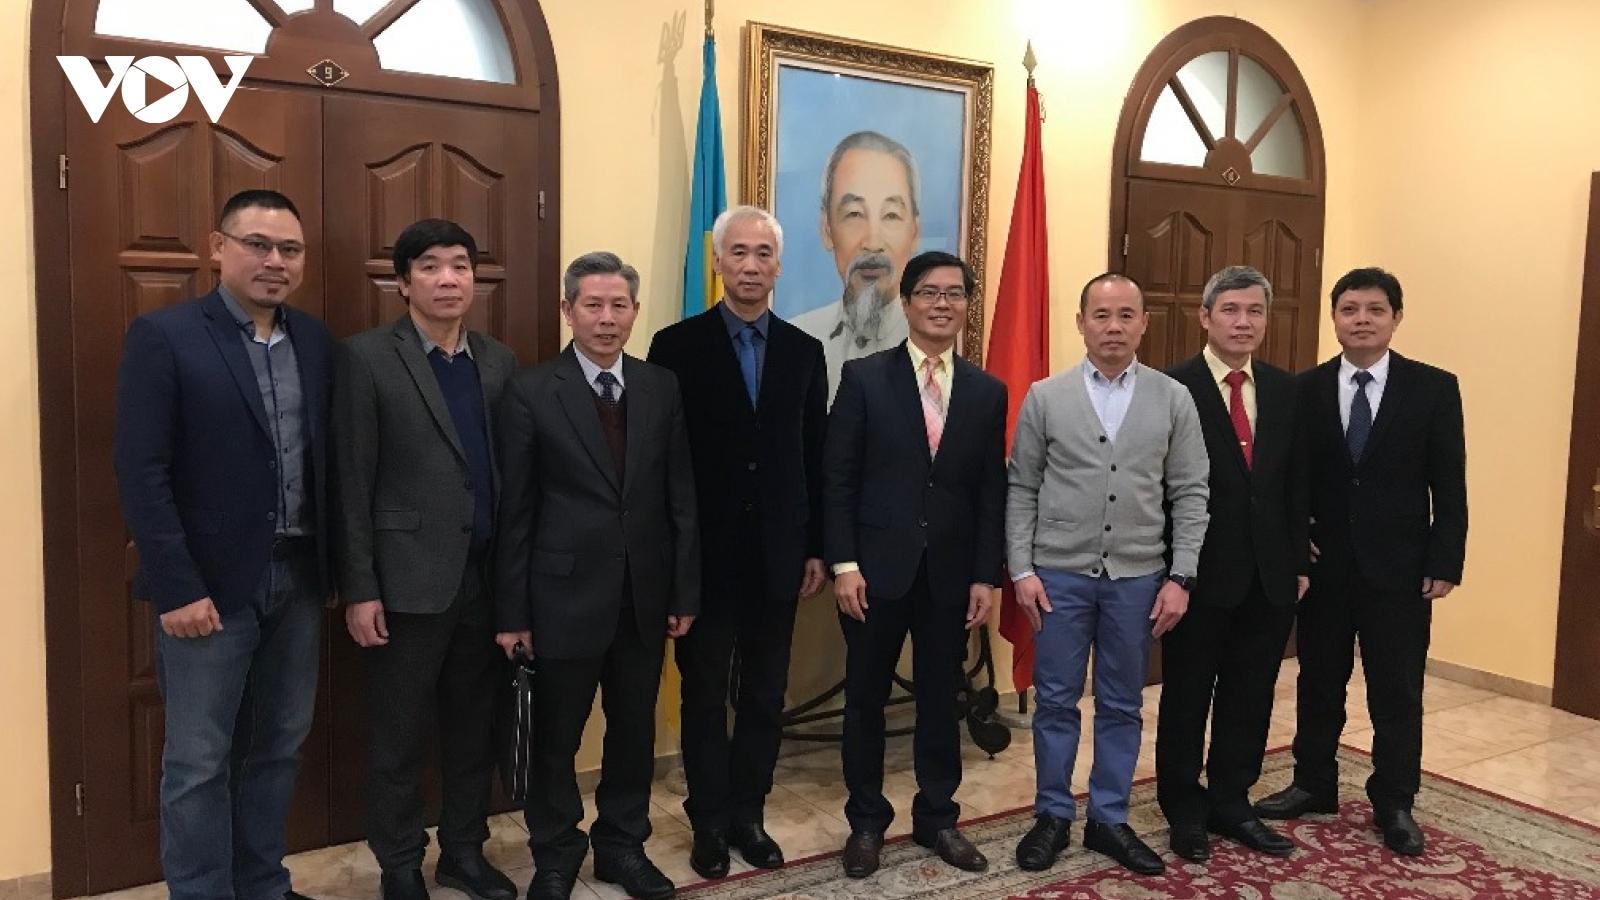 Gặp mặt đại diện hội, đoàn thể cộng đồng người Việt Nam tại Ucraina